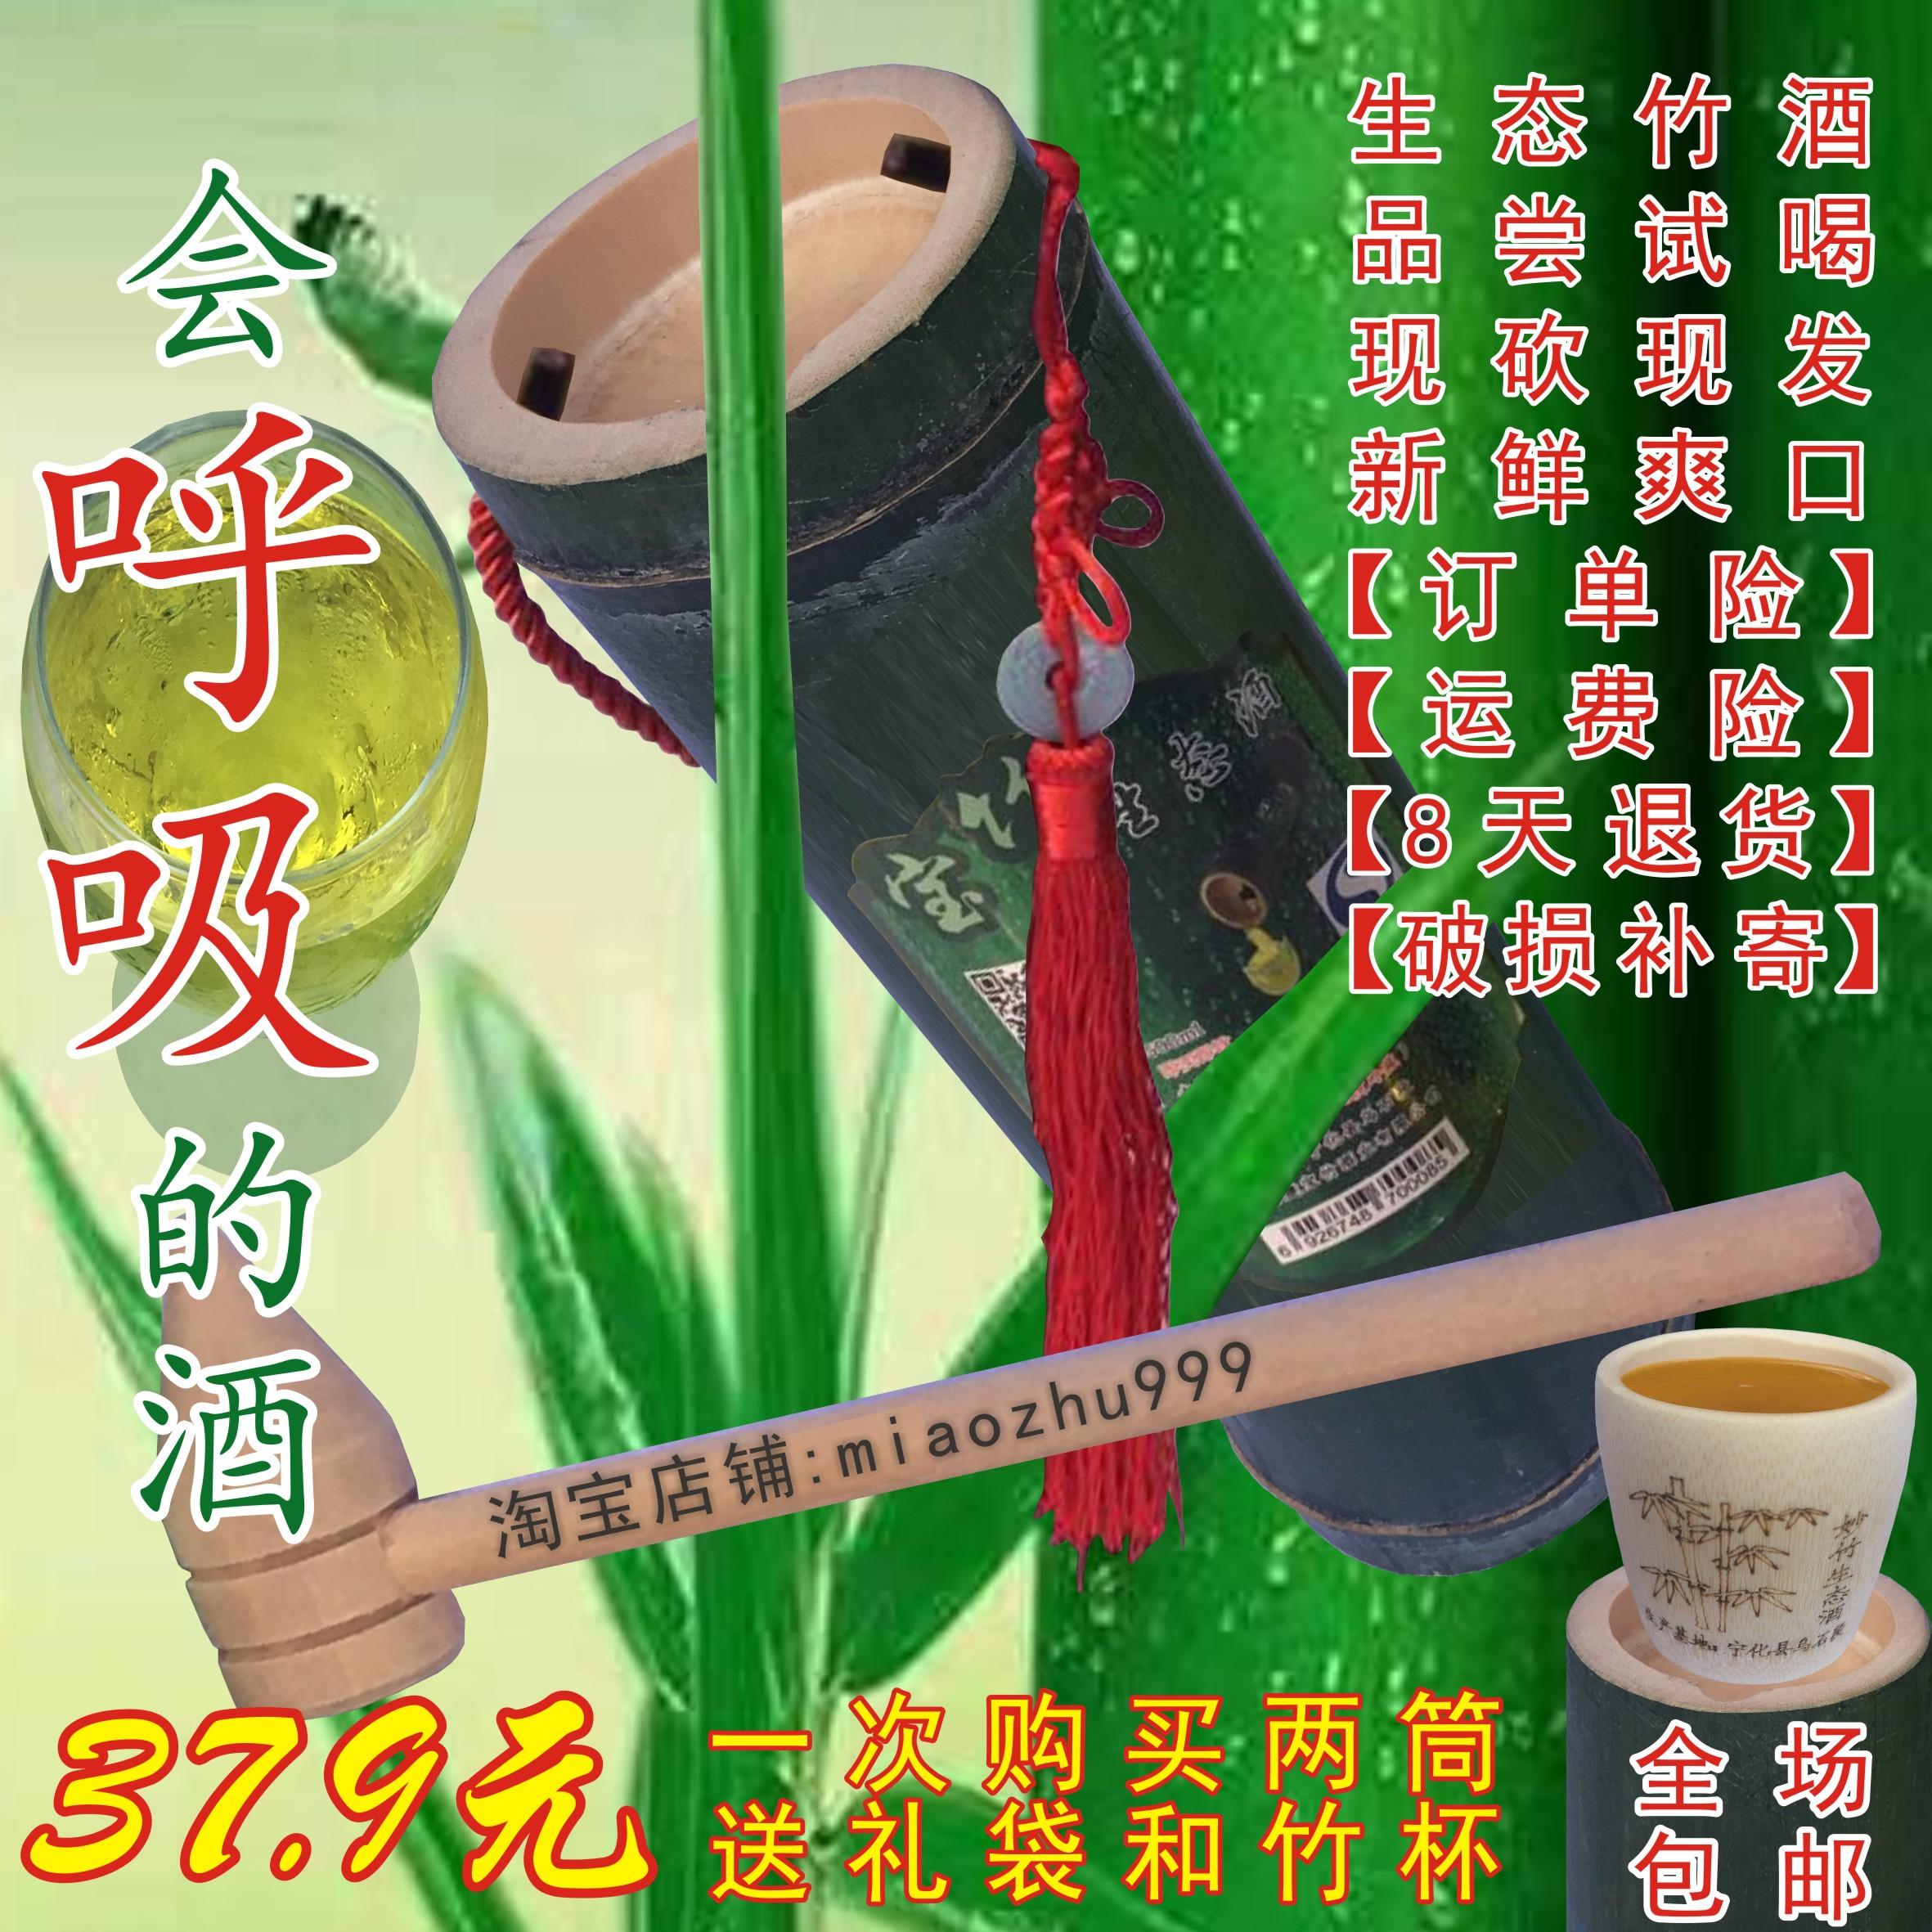 Бамбук ликер бамбук ликер замечательный бамбук экология ликер изумруд бамбук экология ликер сокровище бамбук экология ликер вкус ликер золото цикада цветок бамбук трубка ликер живая